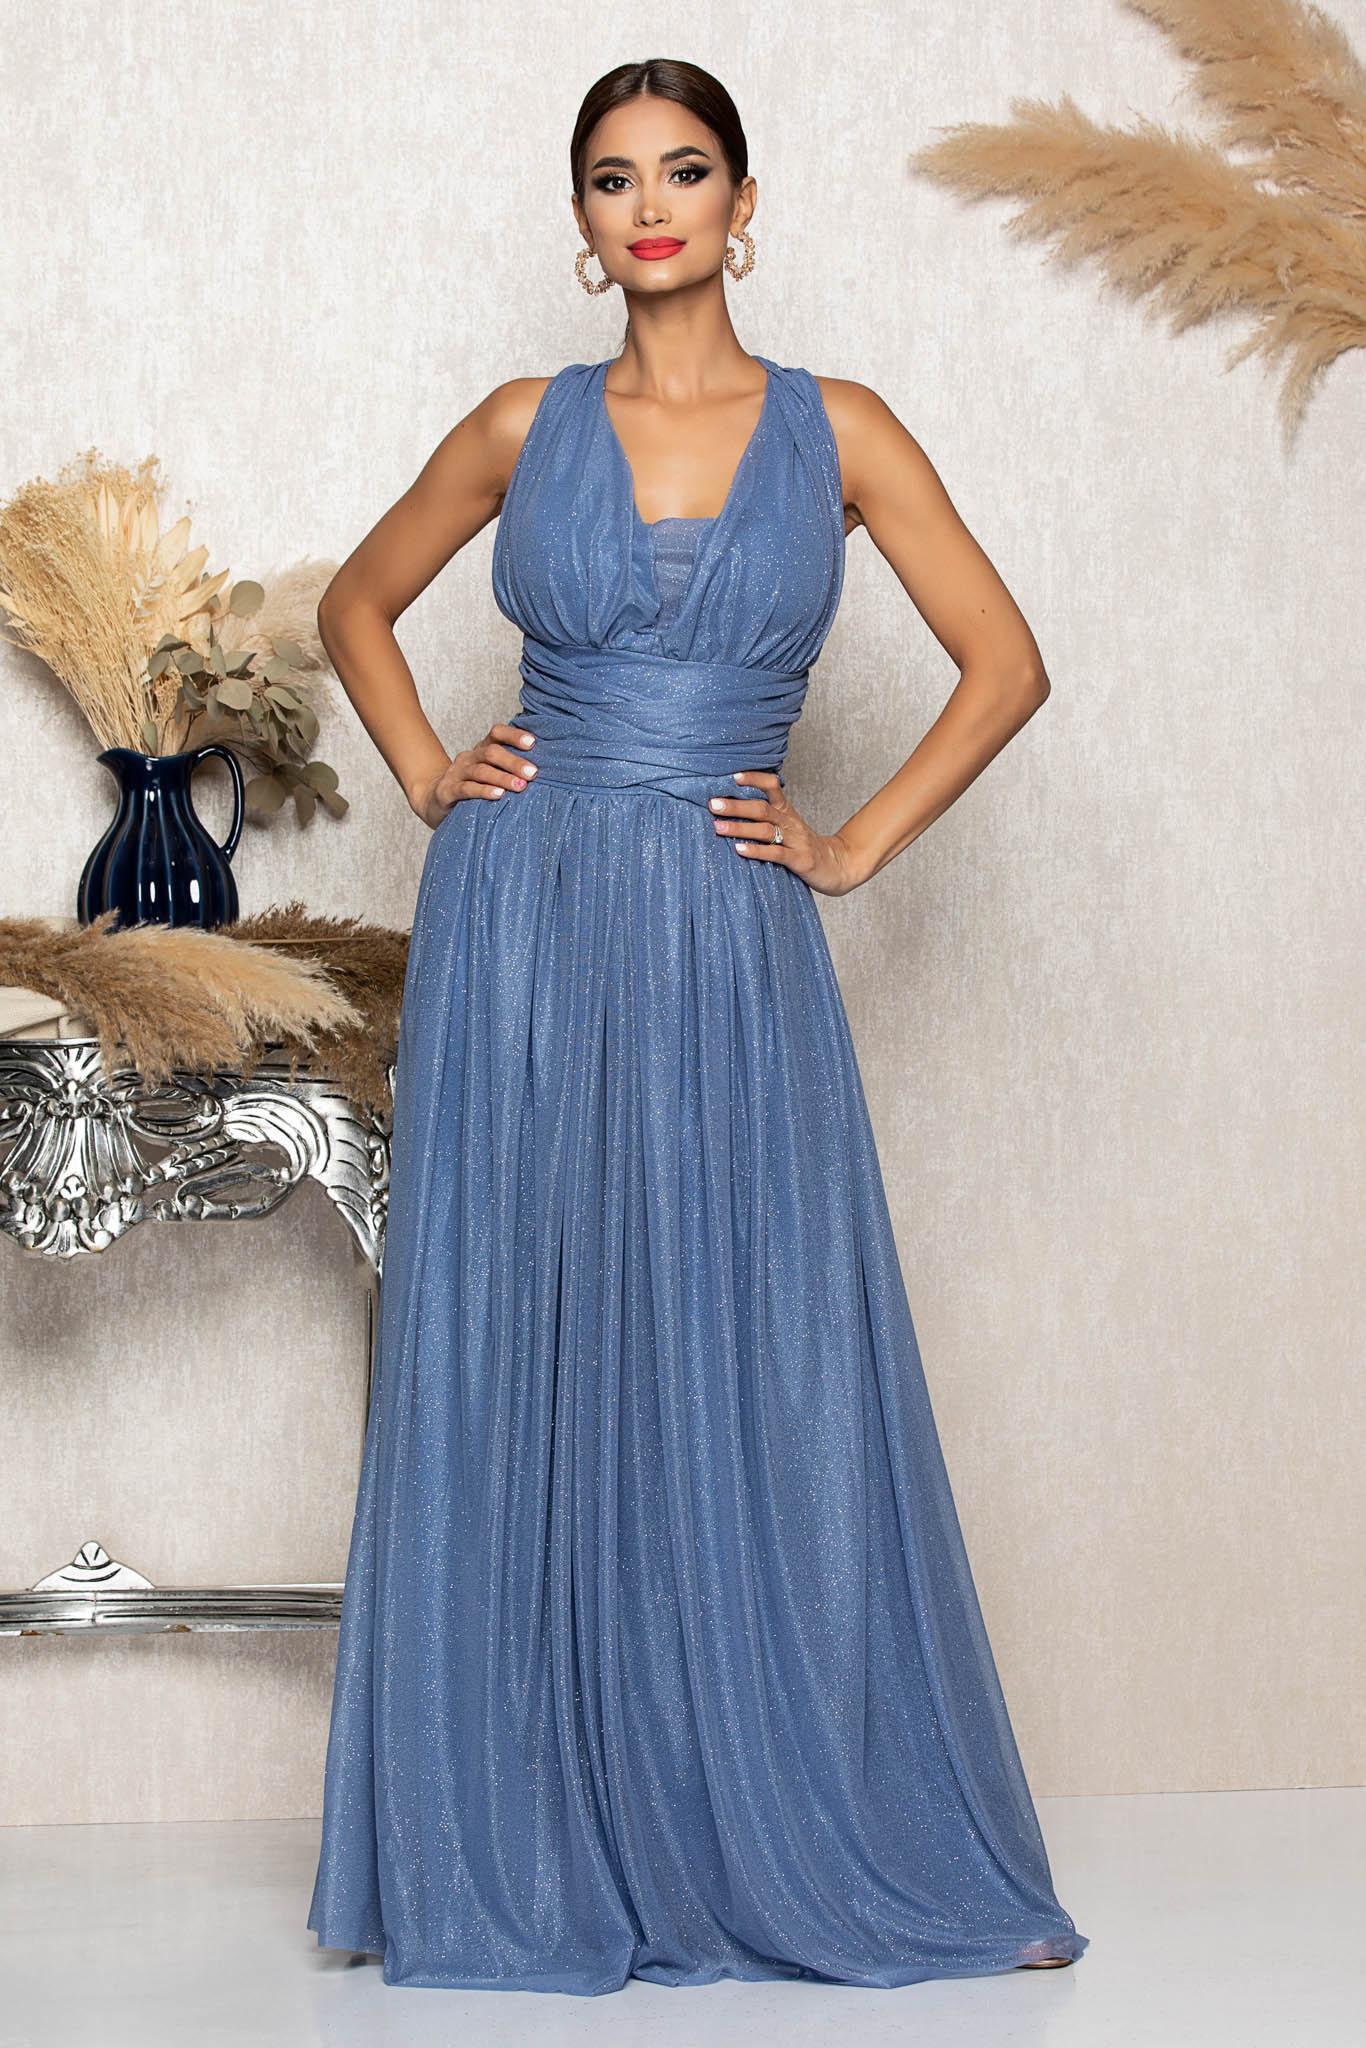 Rochie Sophisticated Bleu Marimi Mari M (38) | L (40) | XL (42) | XXL (44) | 3XL (46)